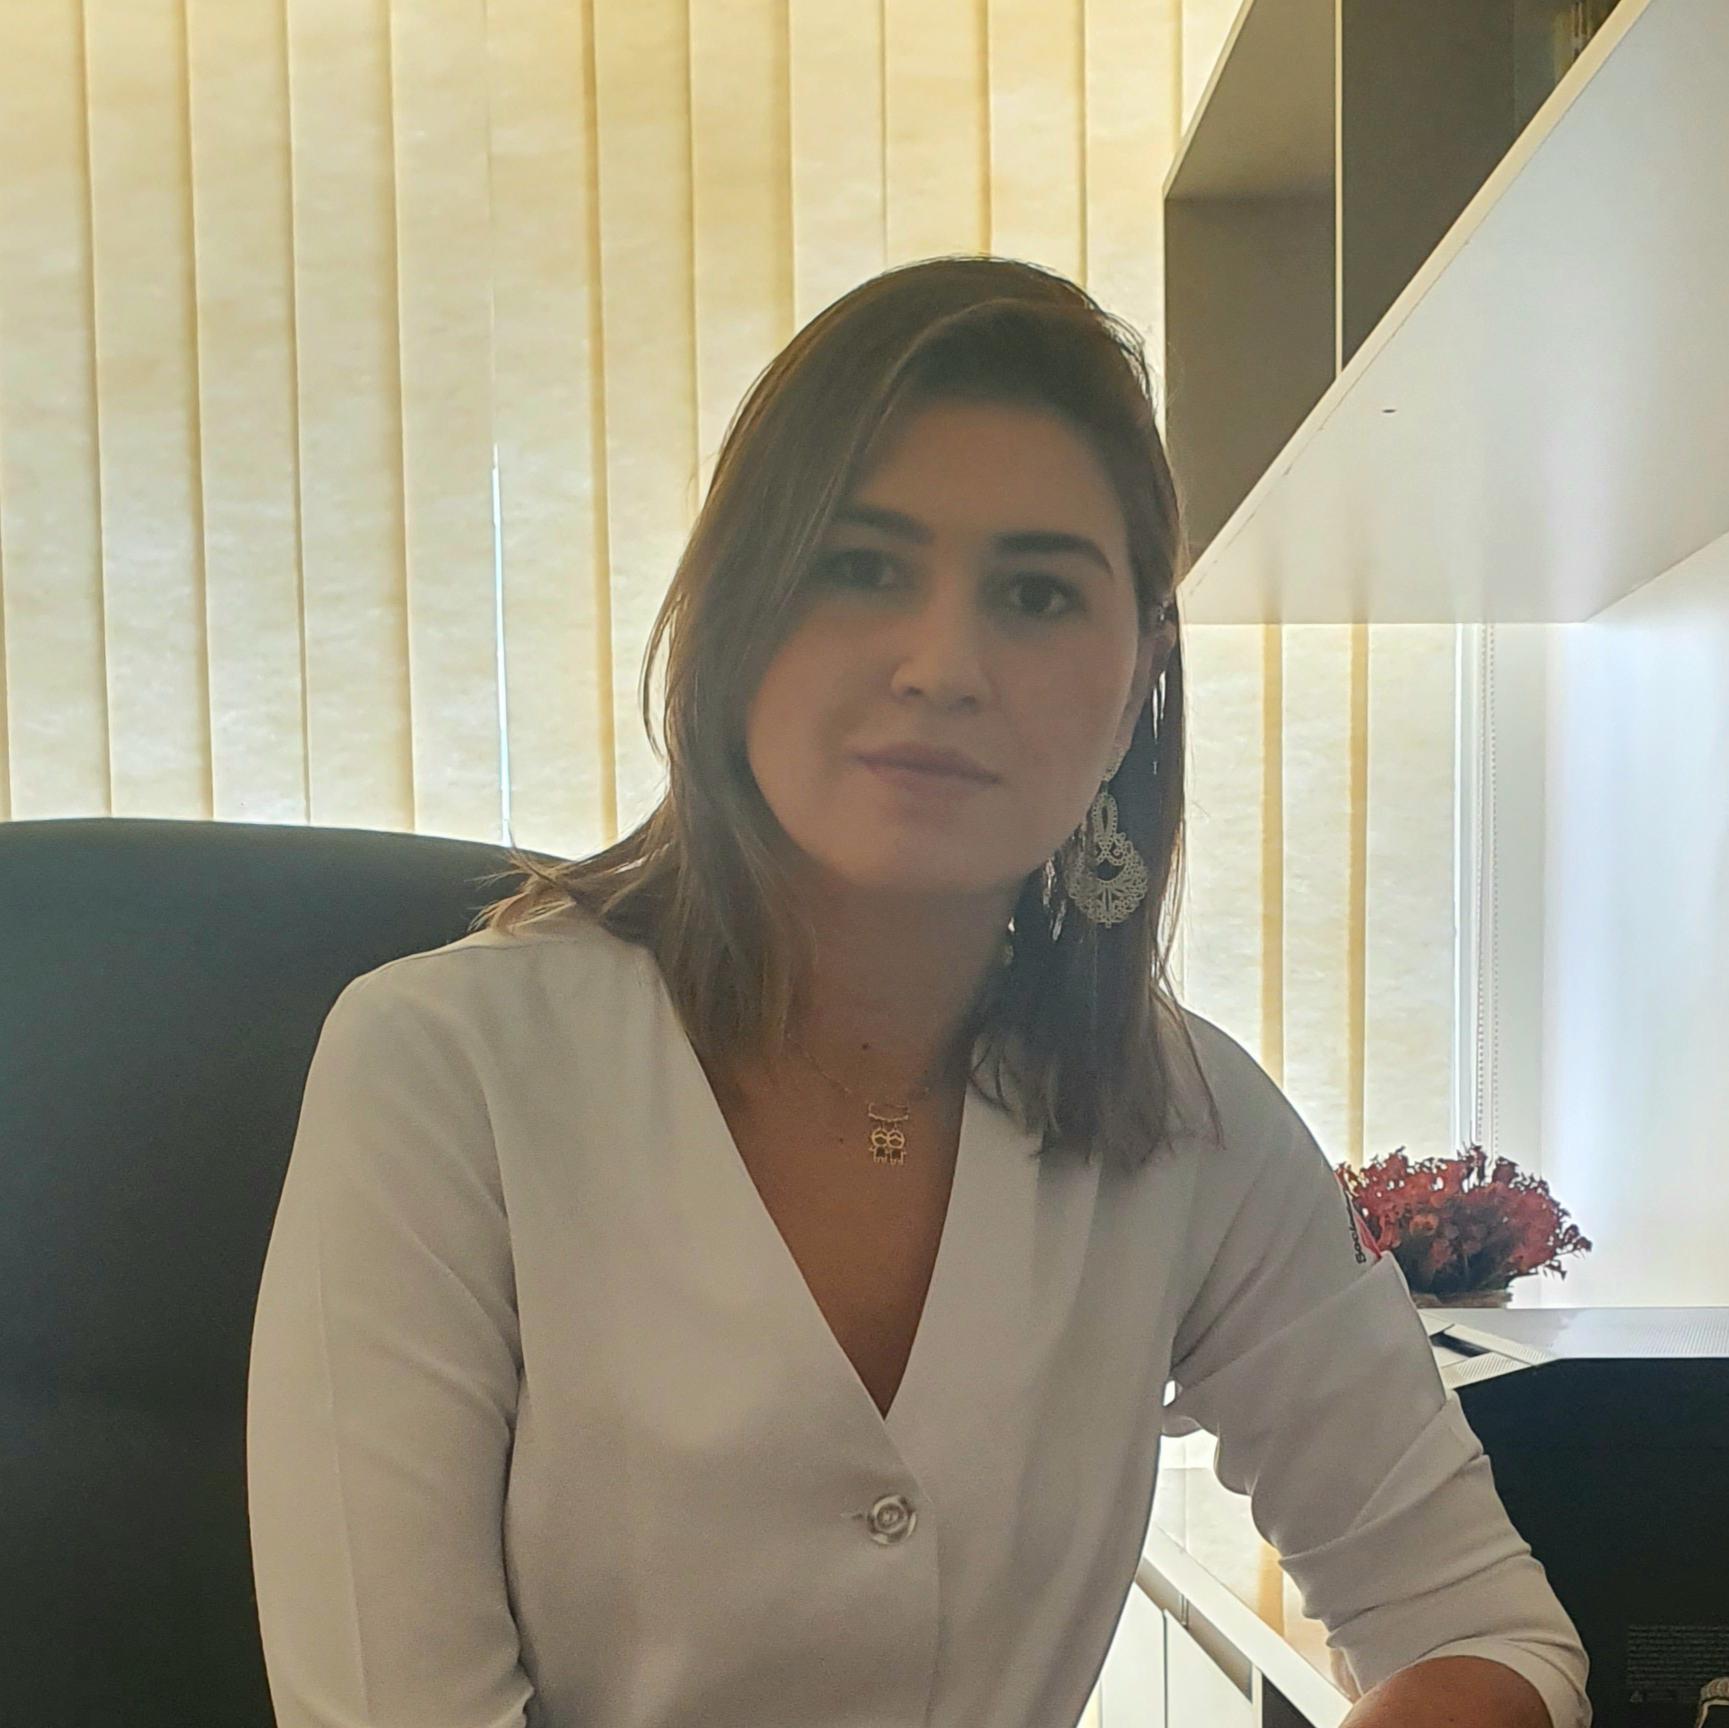 Valeria Dantas de Oliveria